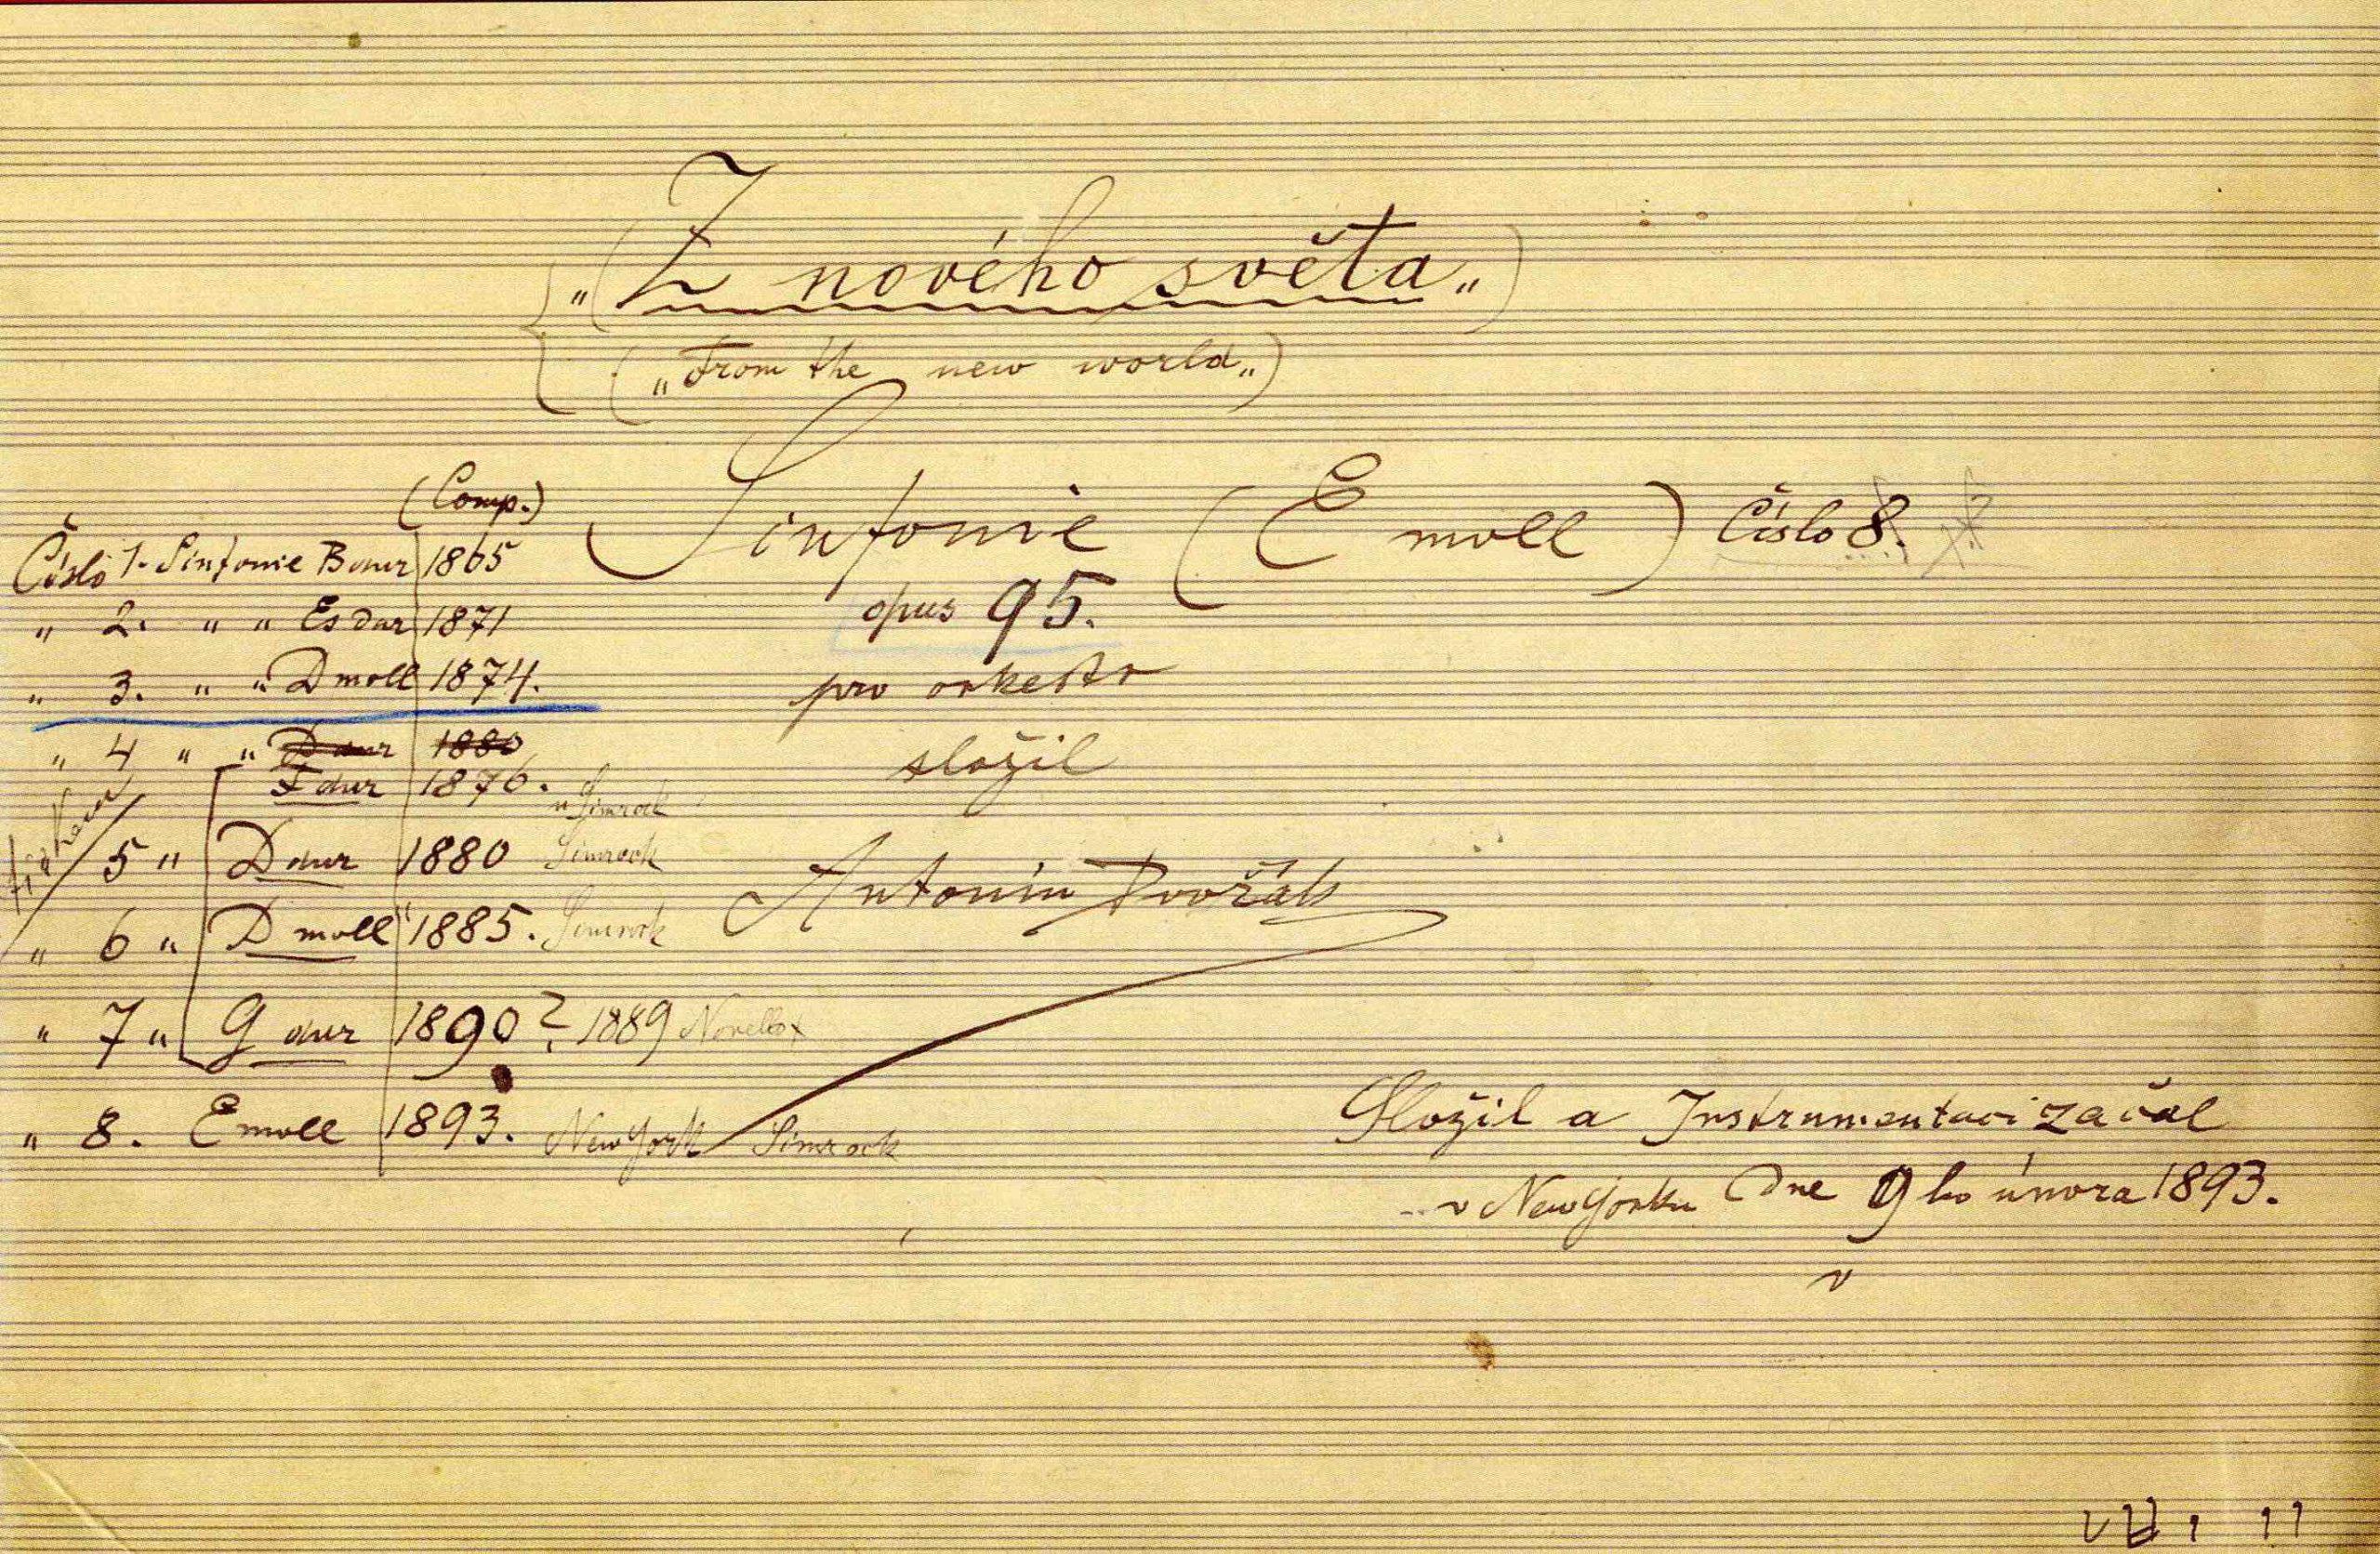 Dvořák's 9th ymphony: title page autograph